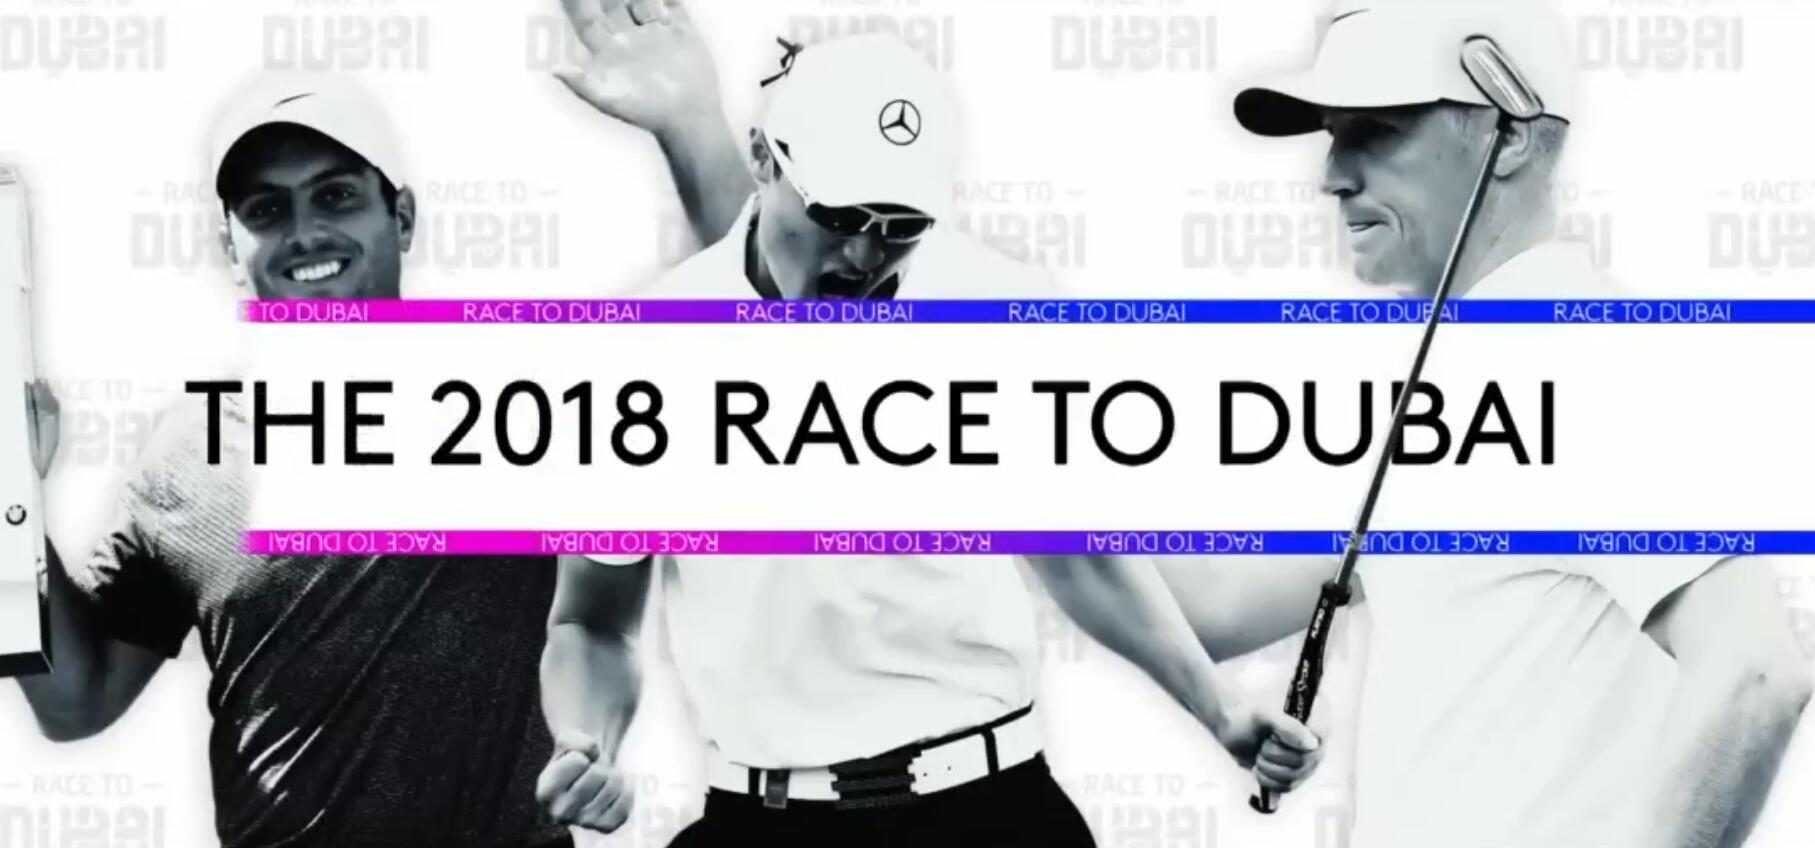 迪拜竞赛2018精彩